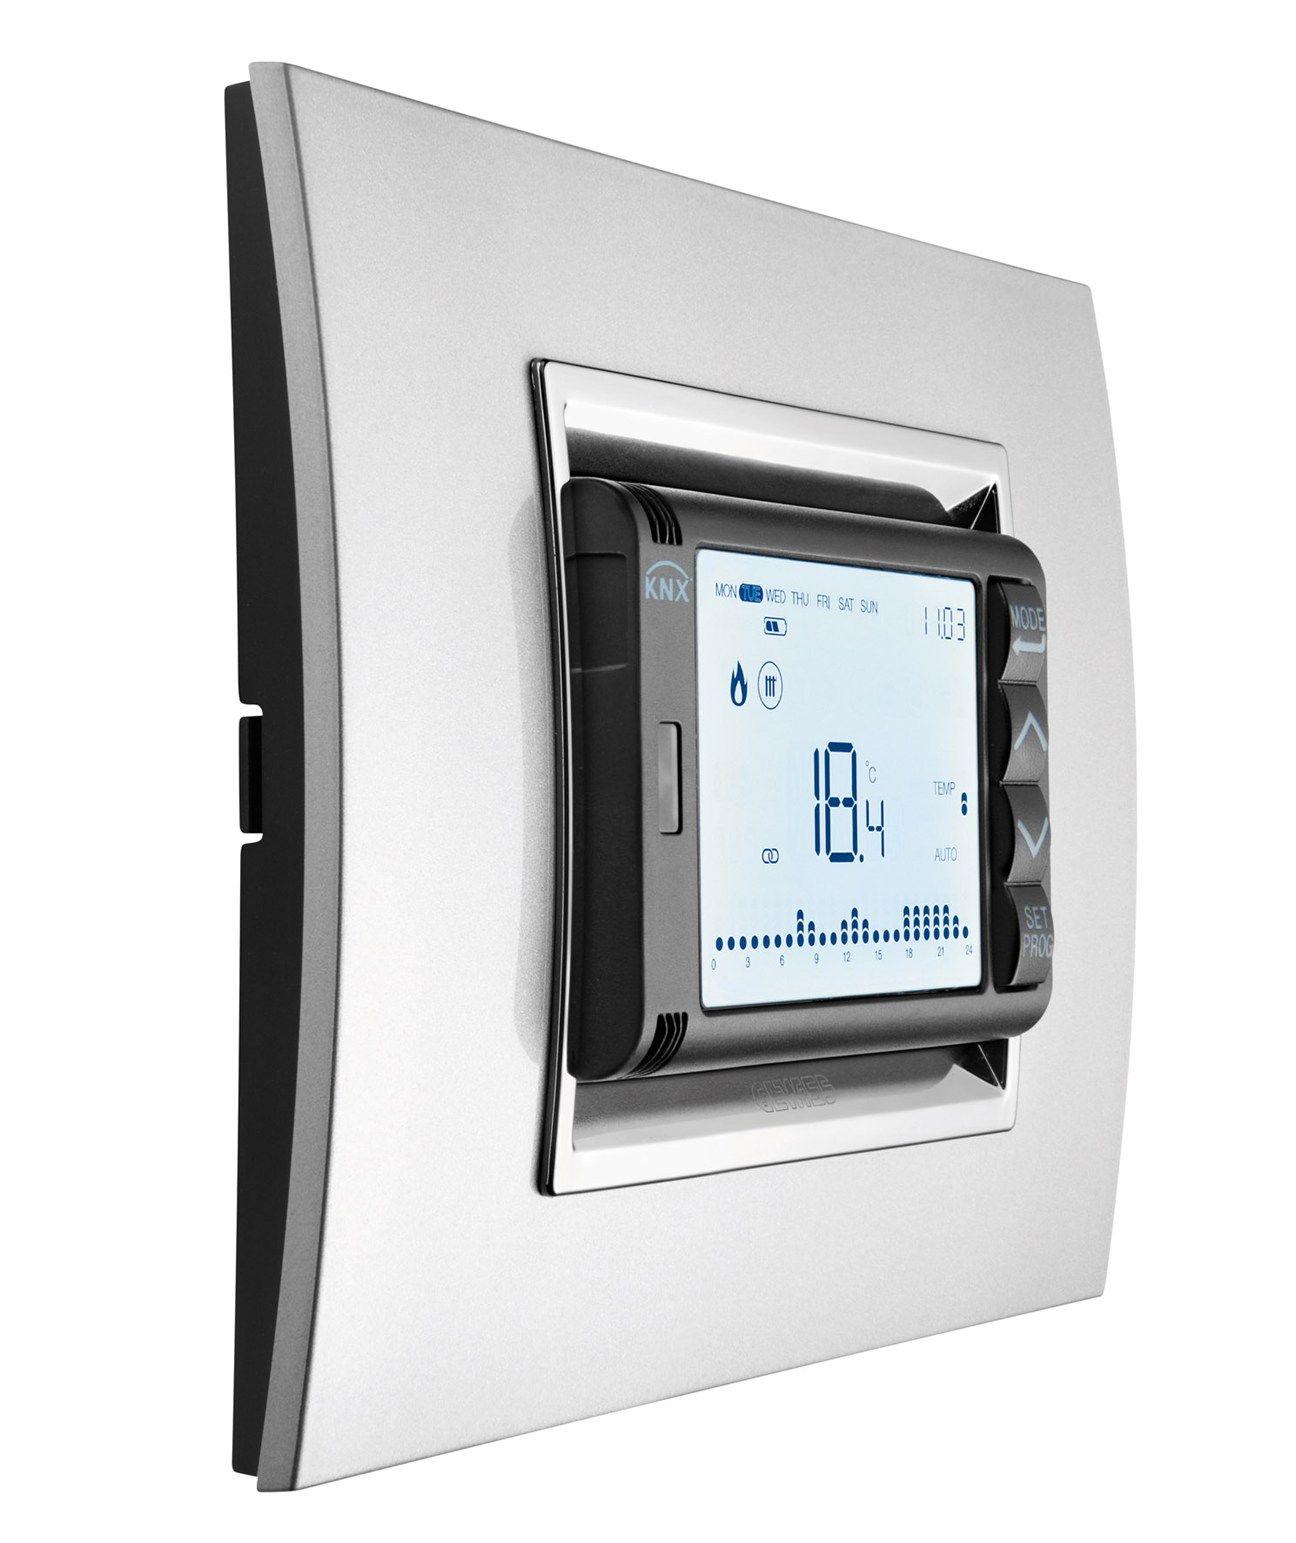 Comfort e risparmio energetico con il sistema di termoregolazione KNX di GEWISS